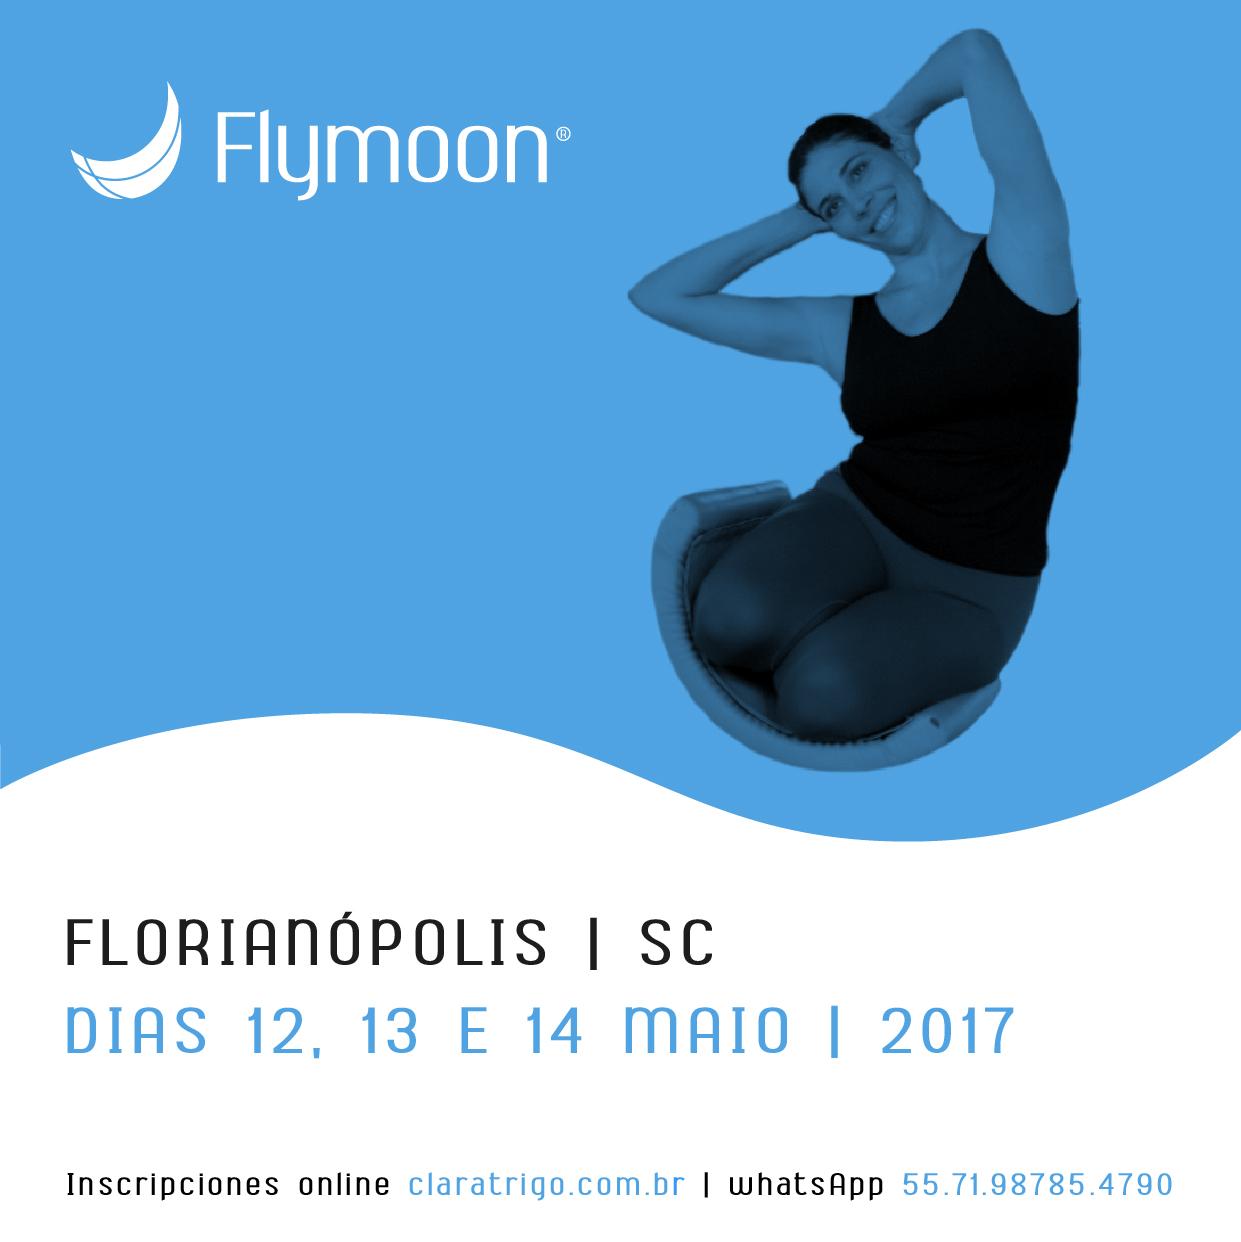 Formação Flymoon® Florianópolis! 12, 13 e 14/05